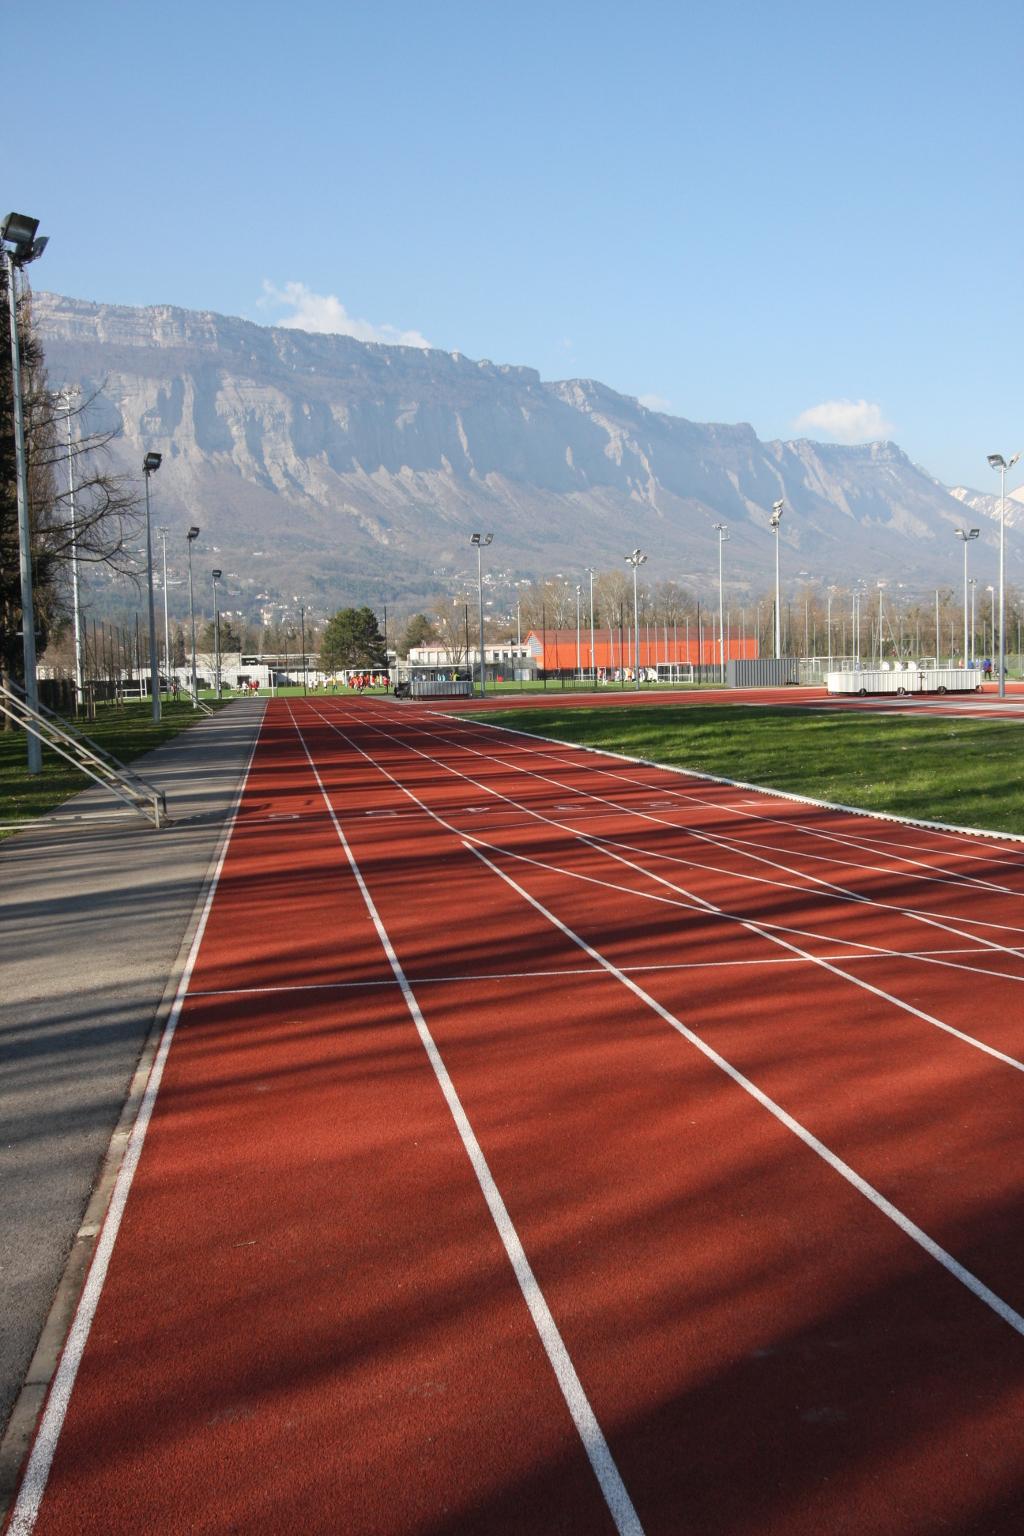 Piste d'athlétisme du campus universitaire de Grenoble